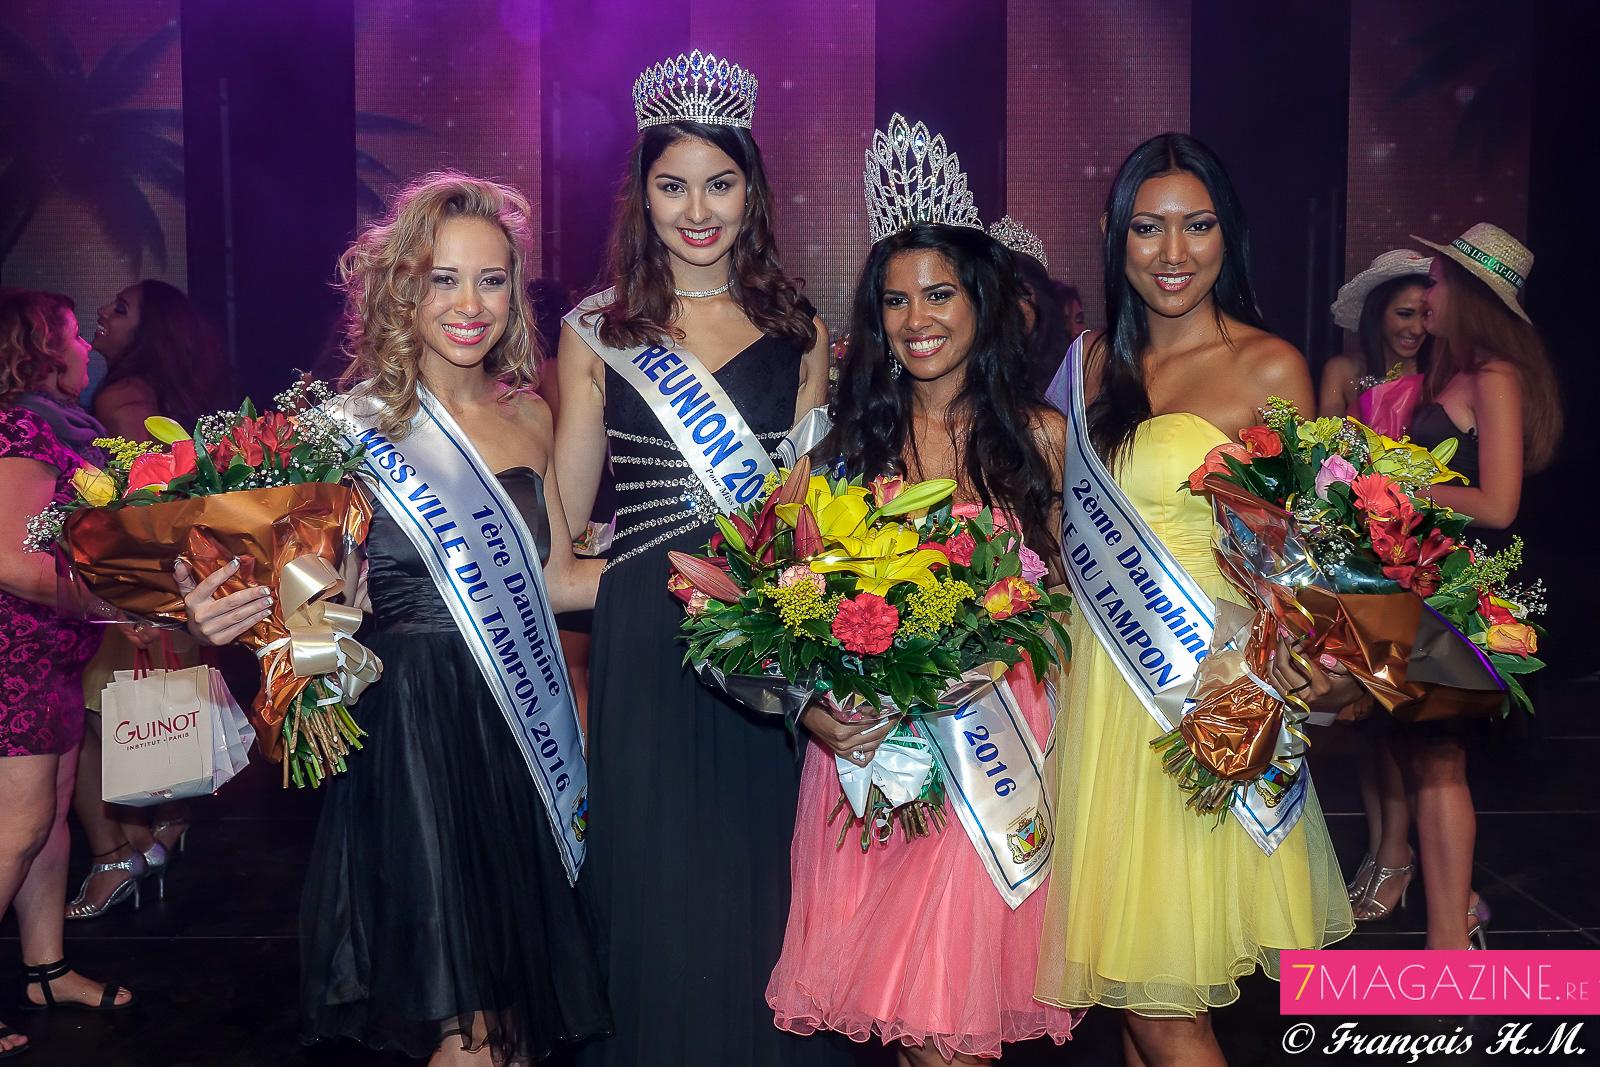 Les lauréates avec Ambre N'guyen, Miss Réunion 2016